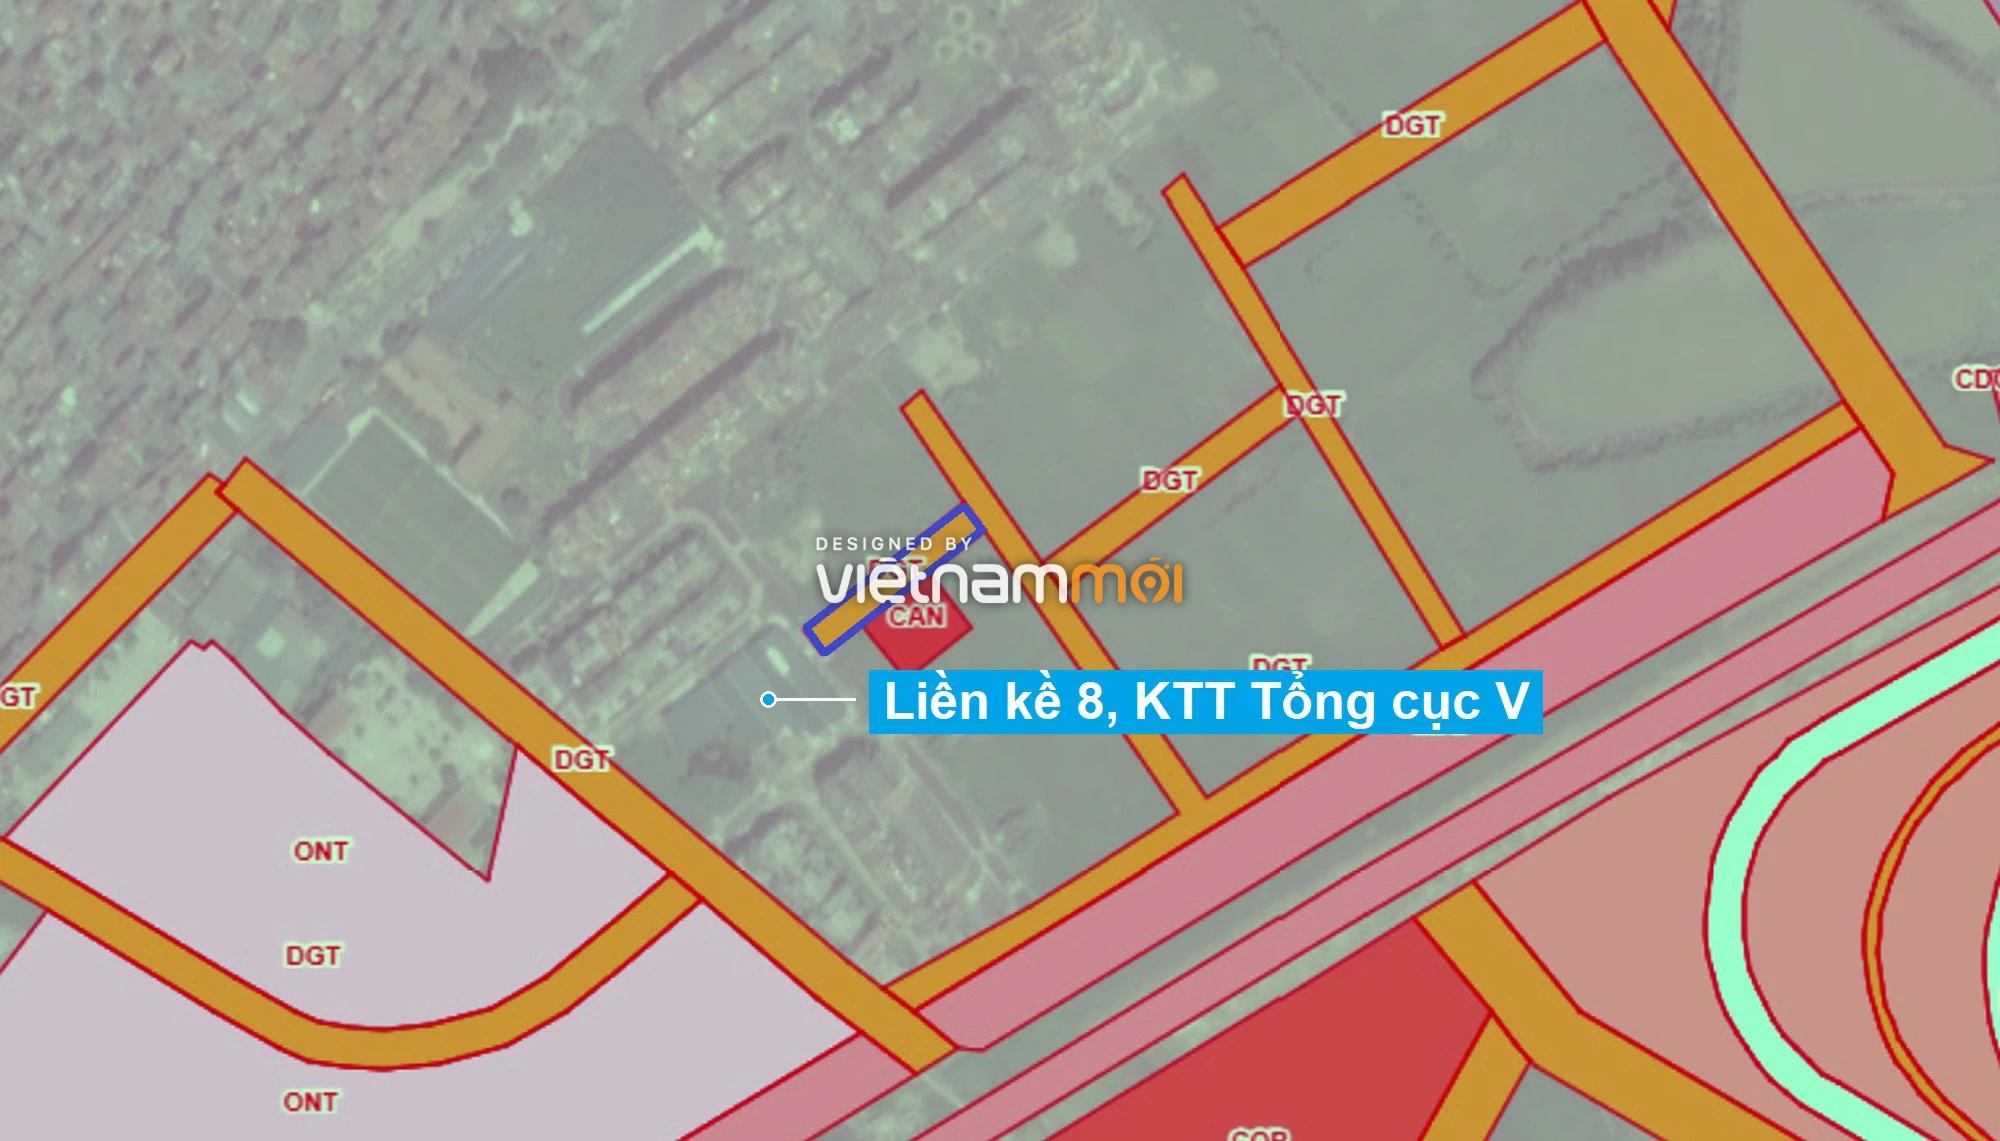 Những khu đất sắp thu hồi để mở đường ở xã Tân Triều, Thanh Trì, Hà Nội (phần 4) - Ảnh 16.